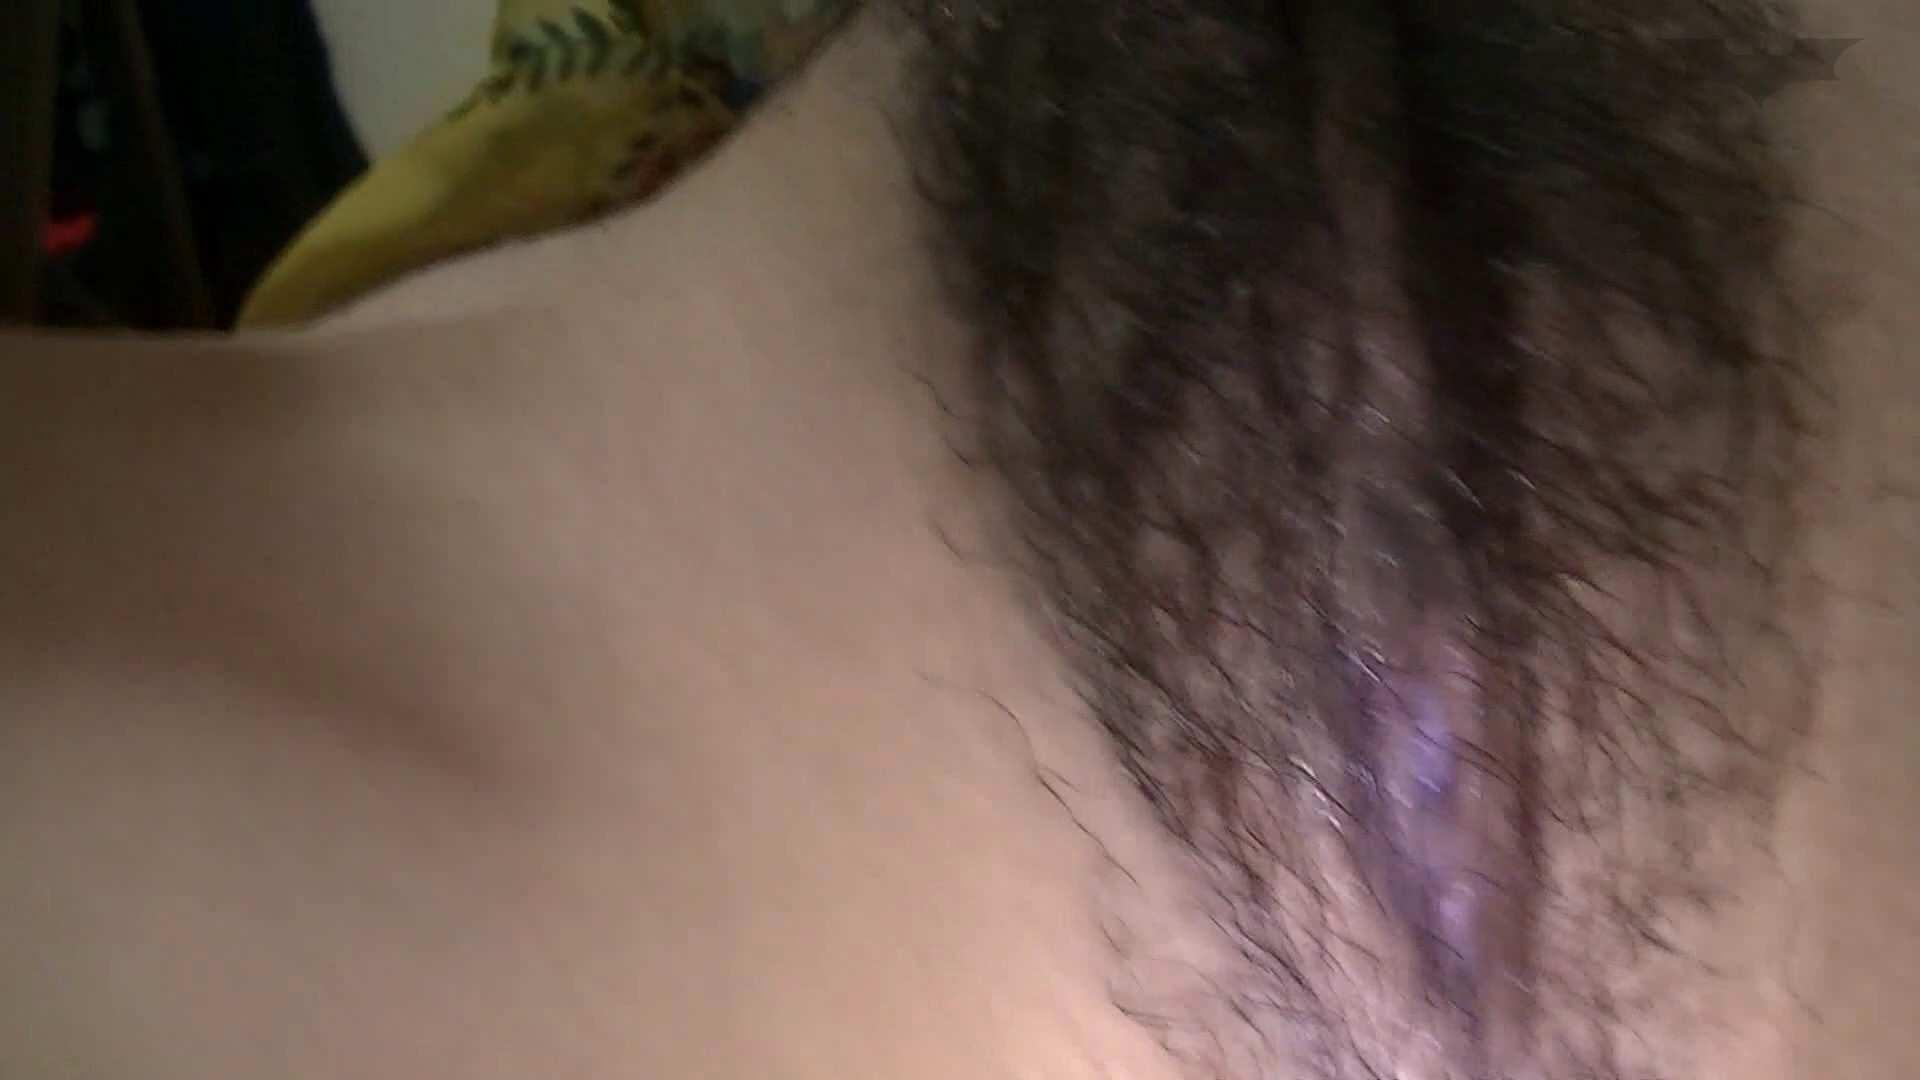 驚異のマン毛採集 五部作合作 美容専門学校生3人組再登場 パンツ | マンコ特集  89連発 65